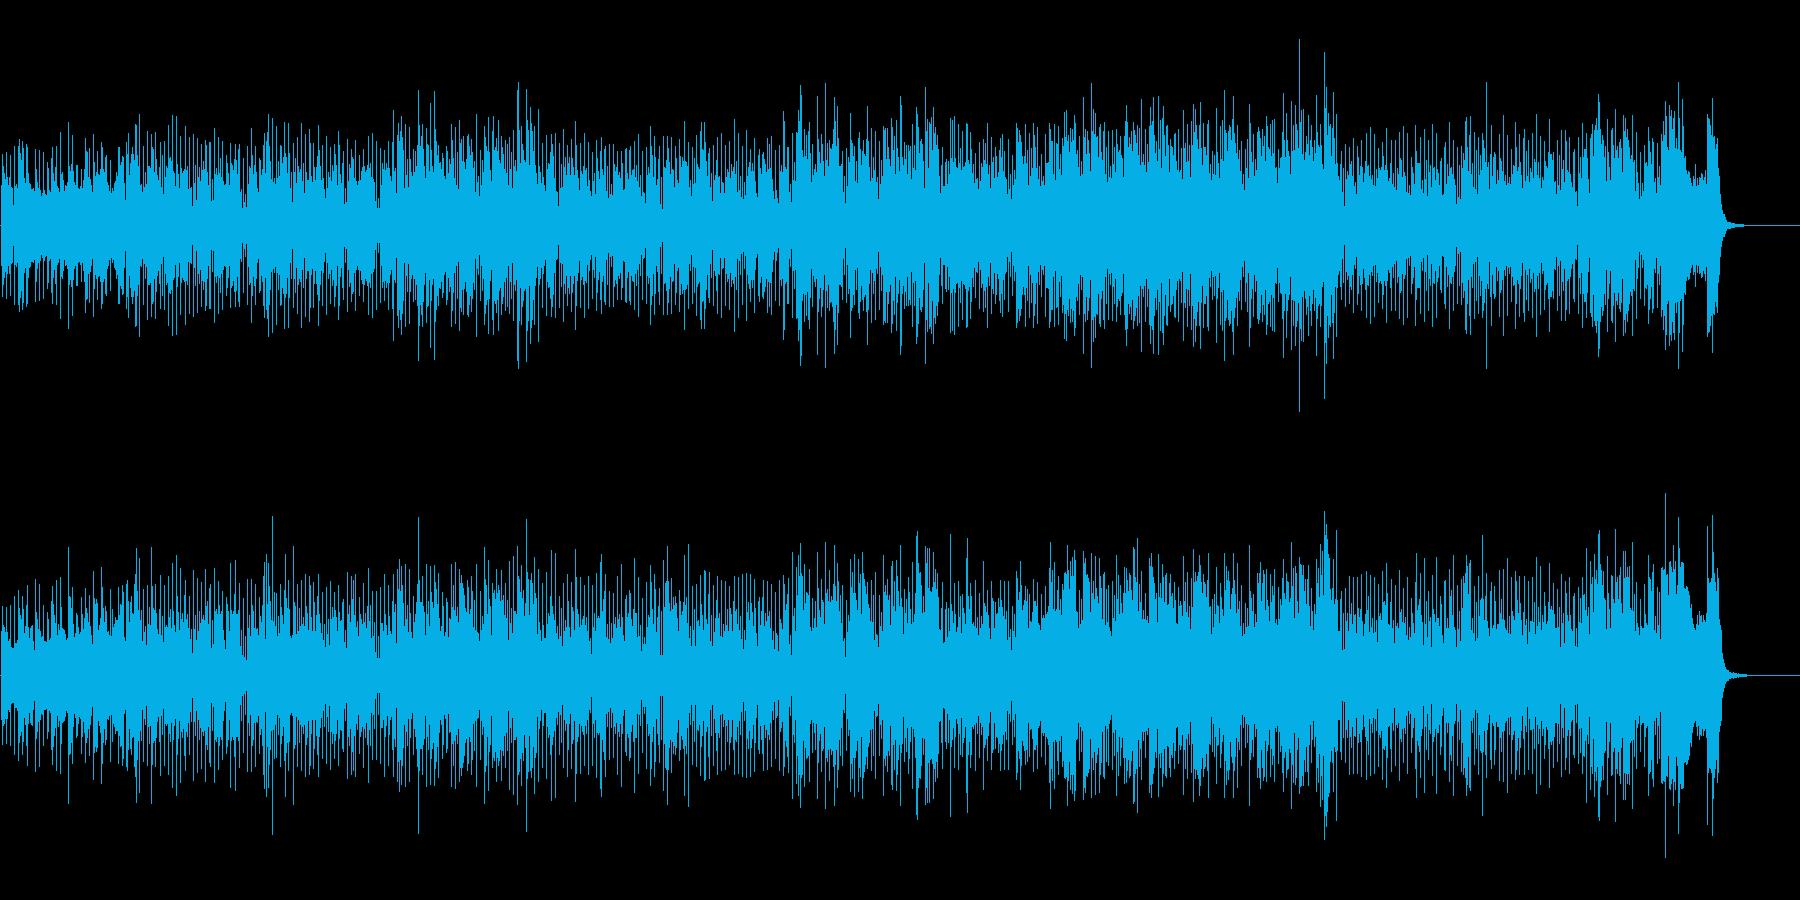 表情豊かなアーバン風ニュー・ミュージックの再生済みの波形